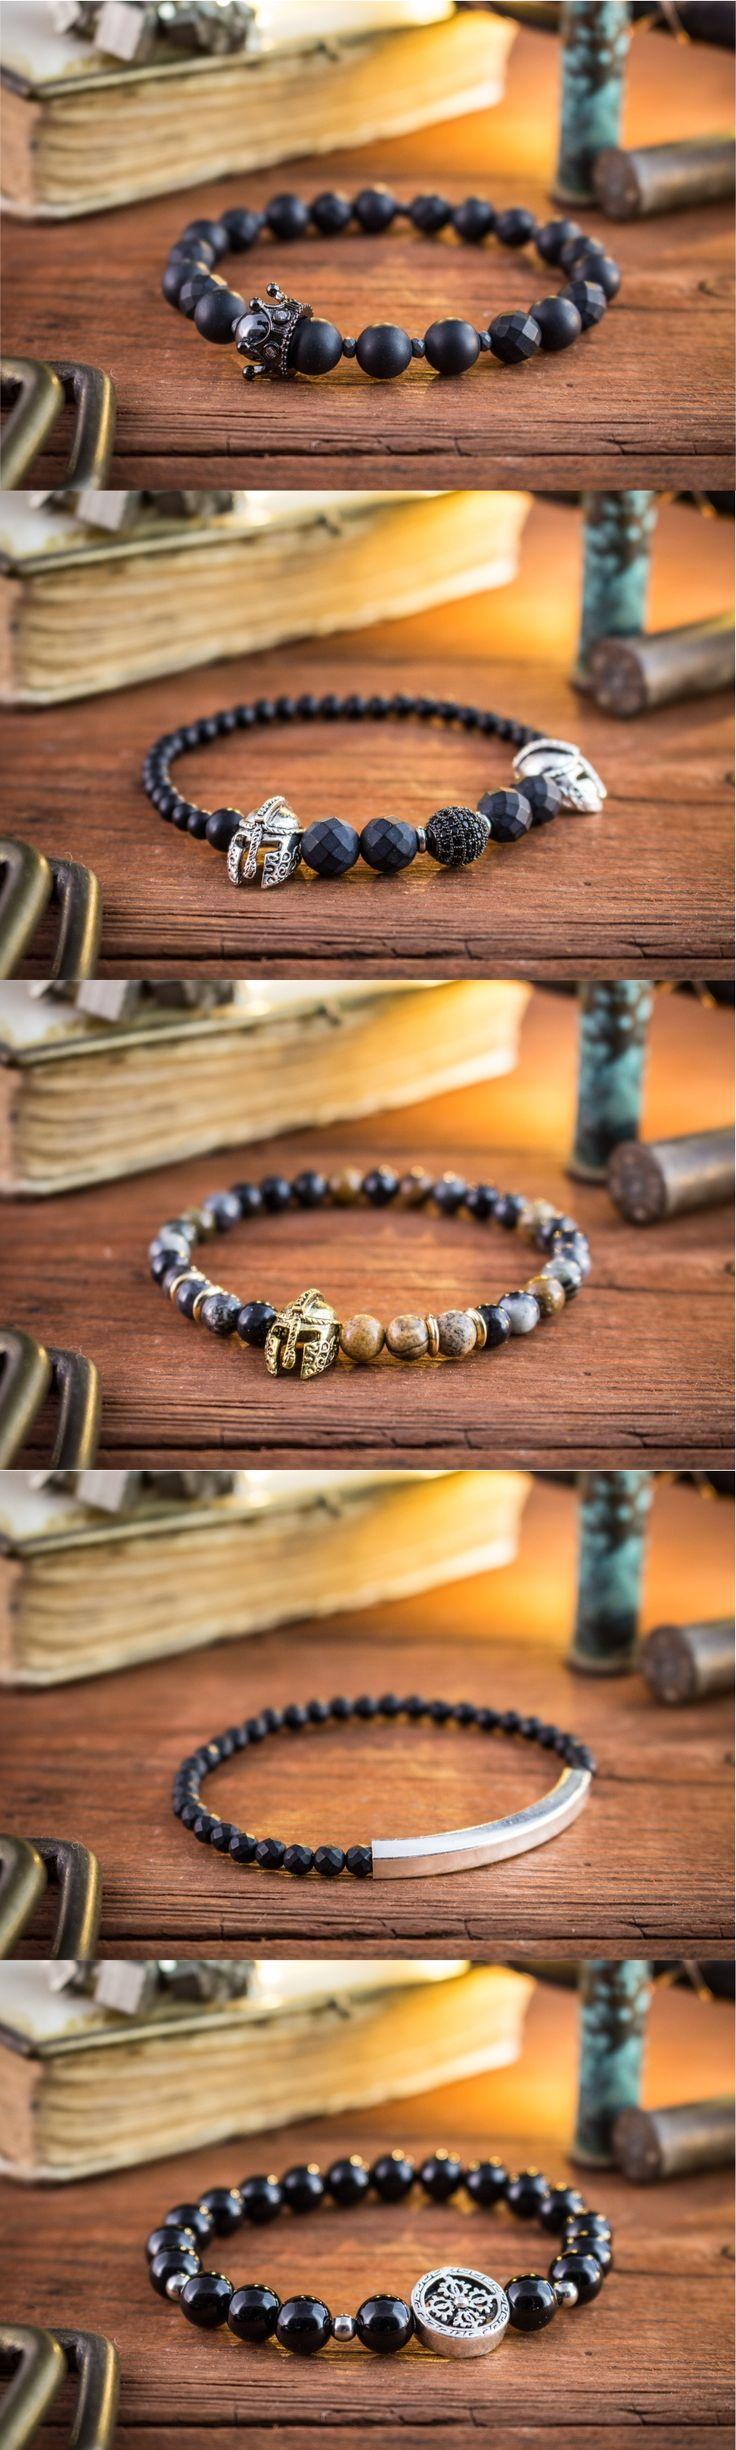 Selection of gemstone bracelets for men